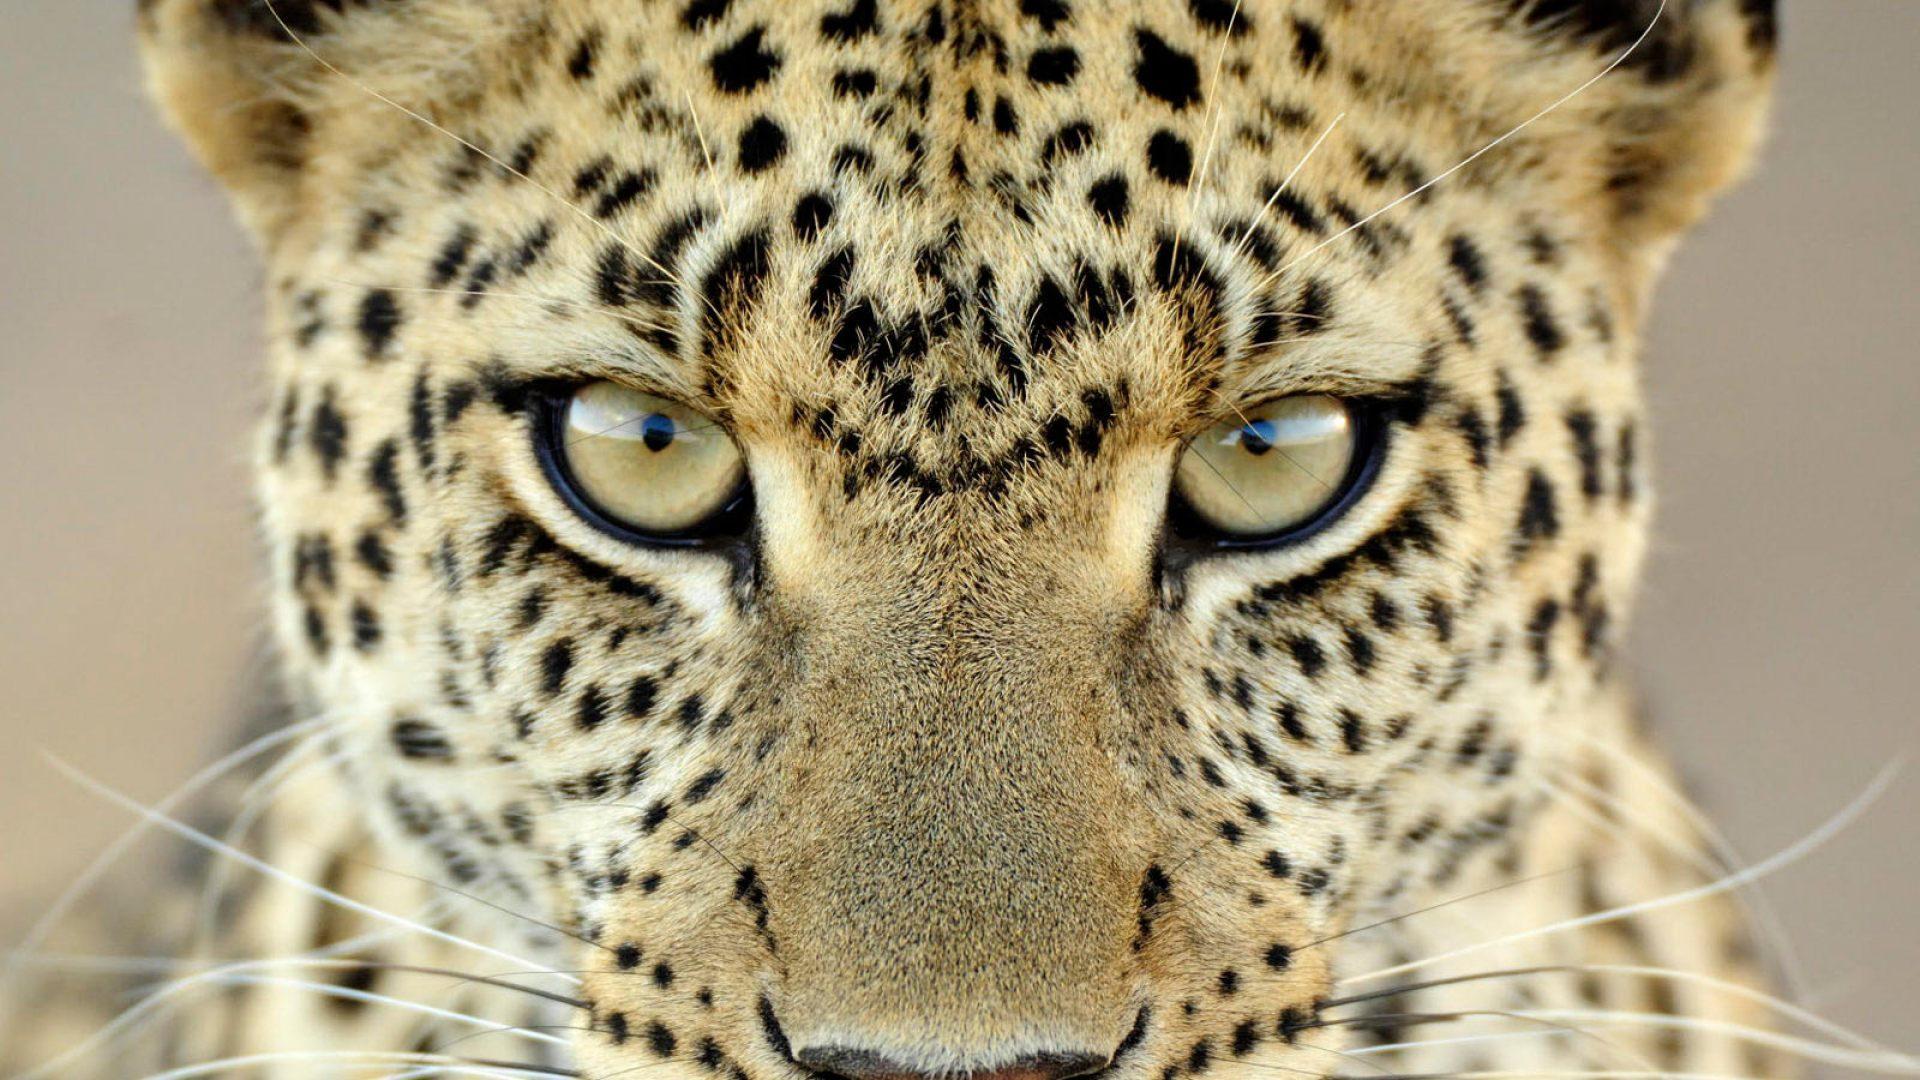 Animales Felino Leopardos Fondo De Pantalla Fondos De: 1920x1080 :: Fondos De Pantalla Y Wallpapers